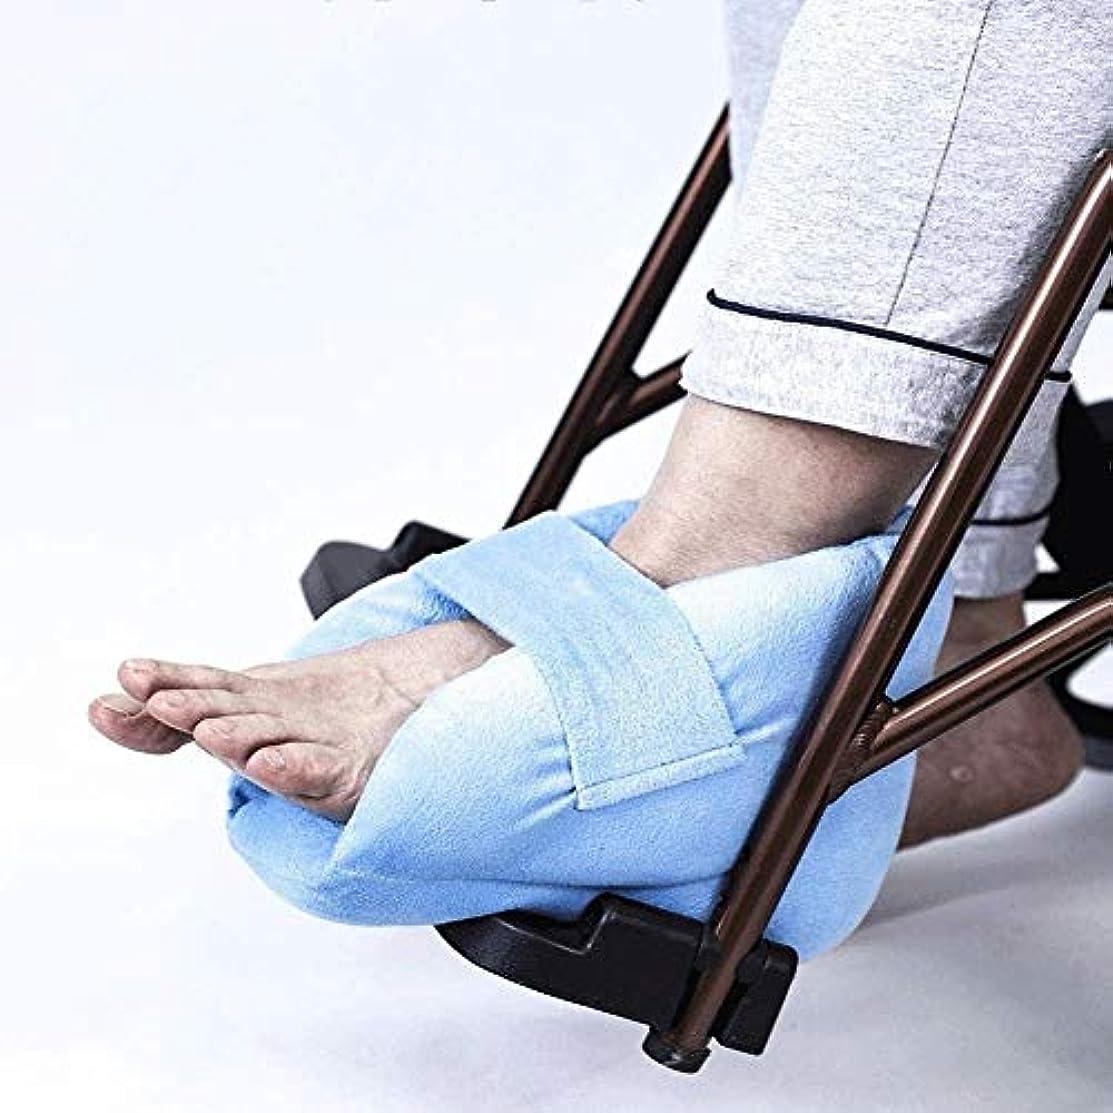 迷惑優しいプレビューかかとプロテクター枕、足補正カバー圧痛とかかと潰瘍の救済 高弾性スポンジ充填、ライトブルー-1ペア